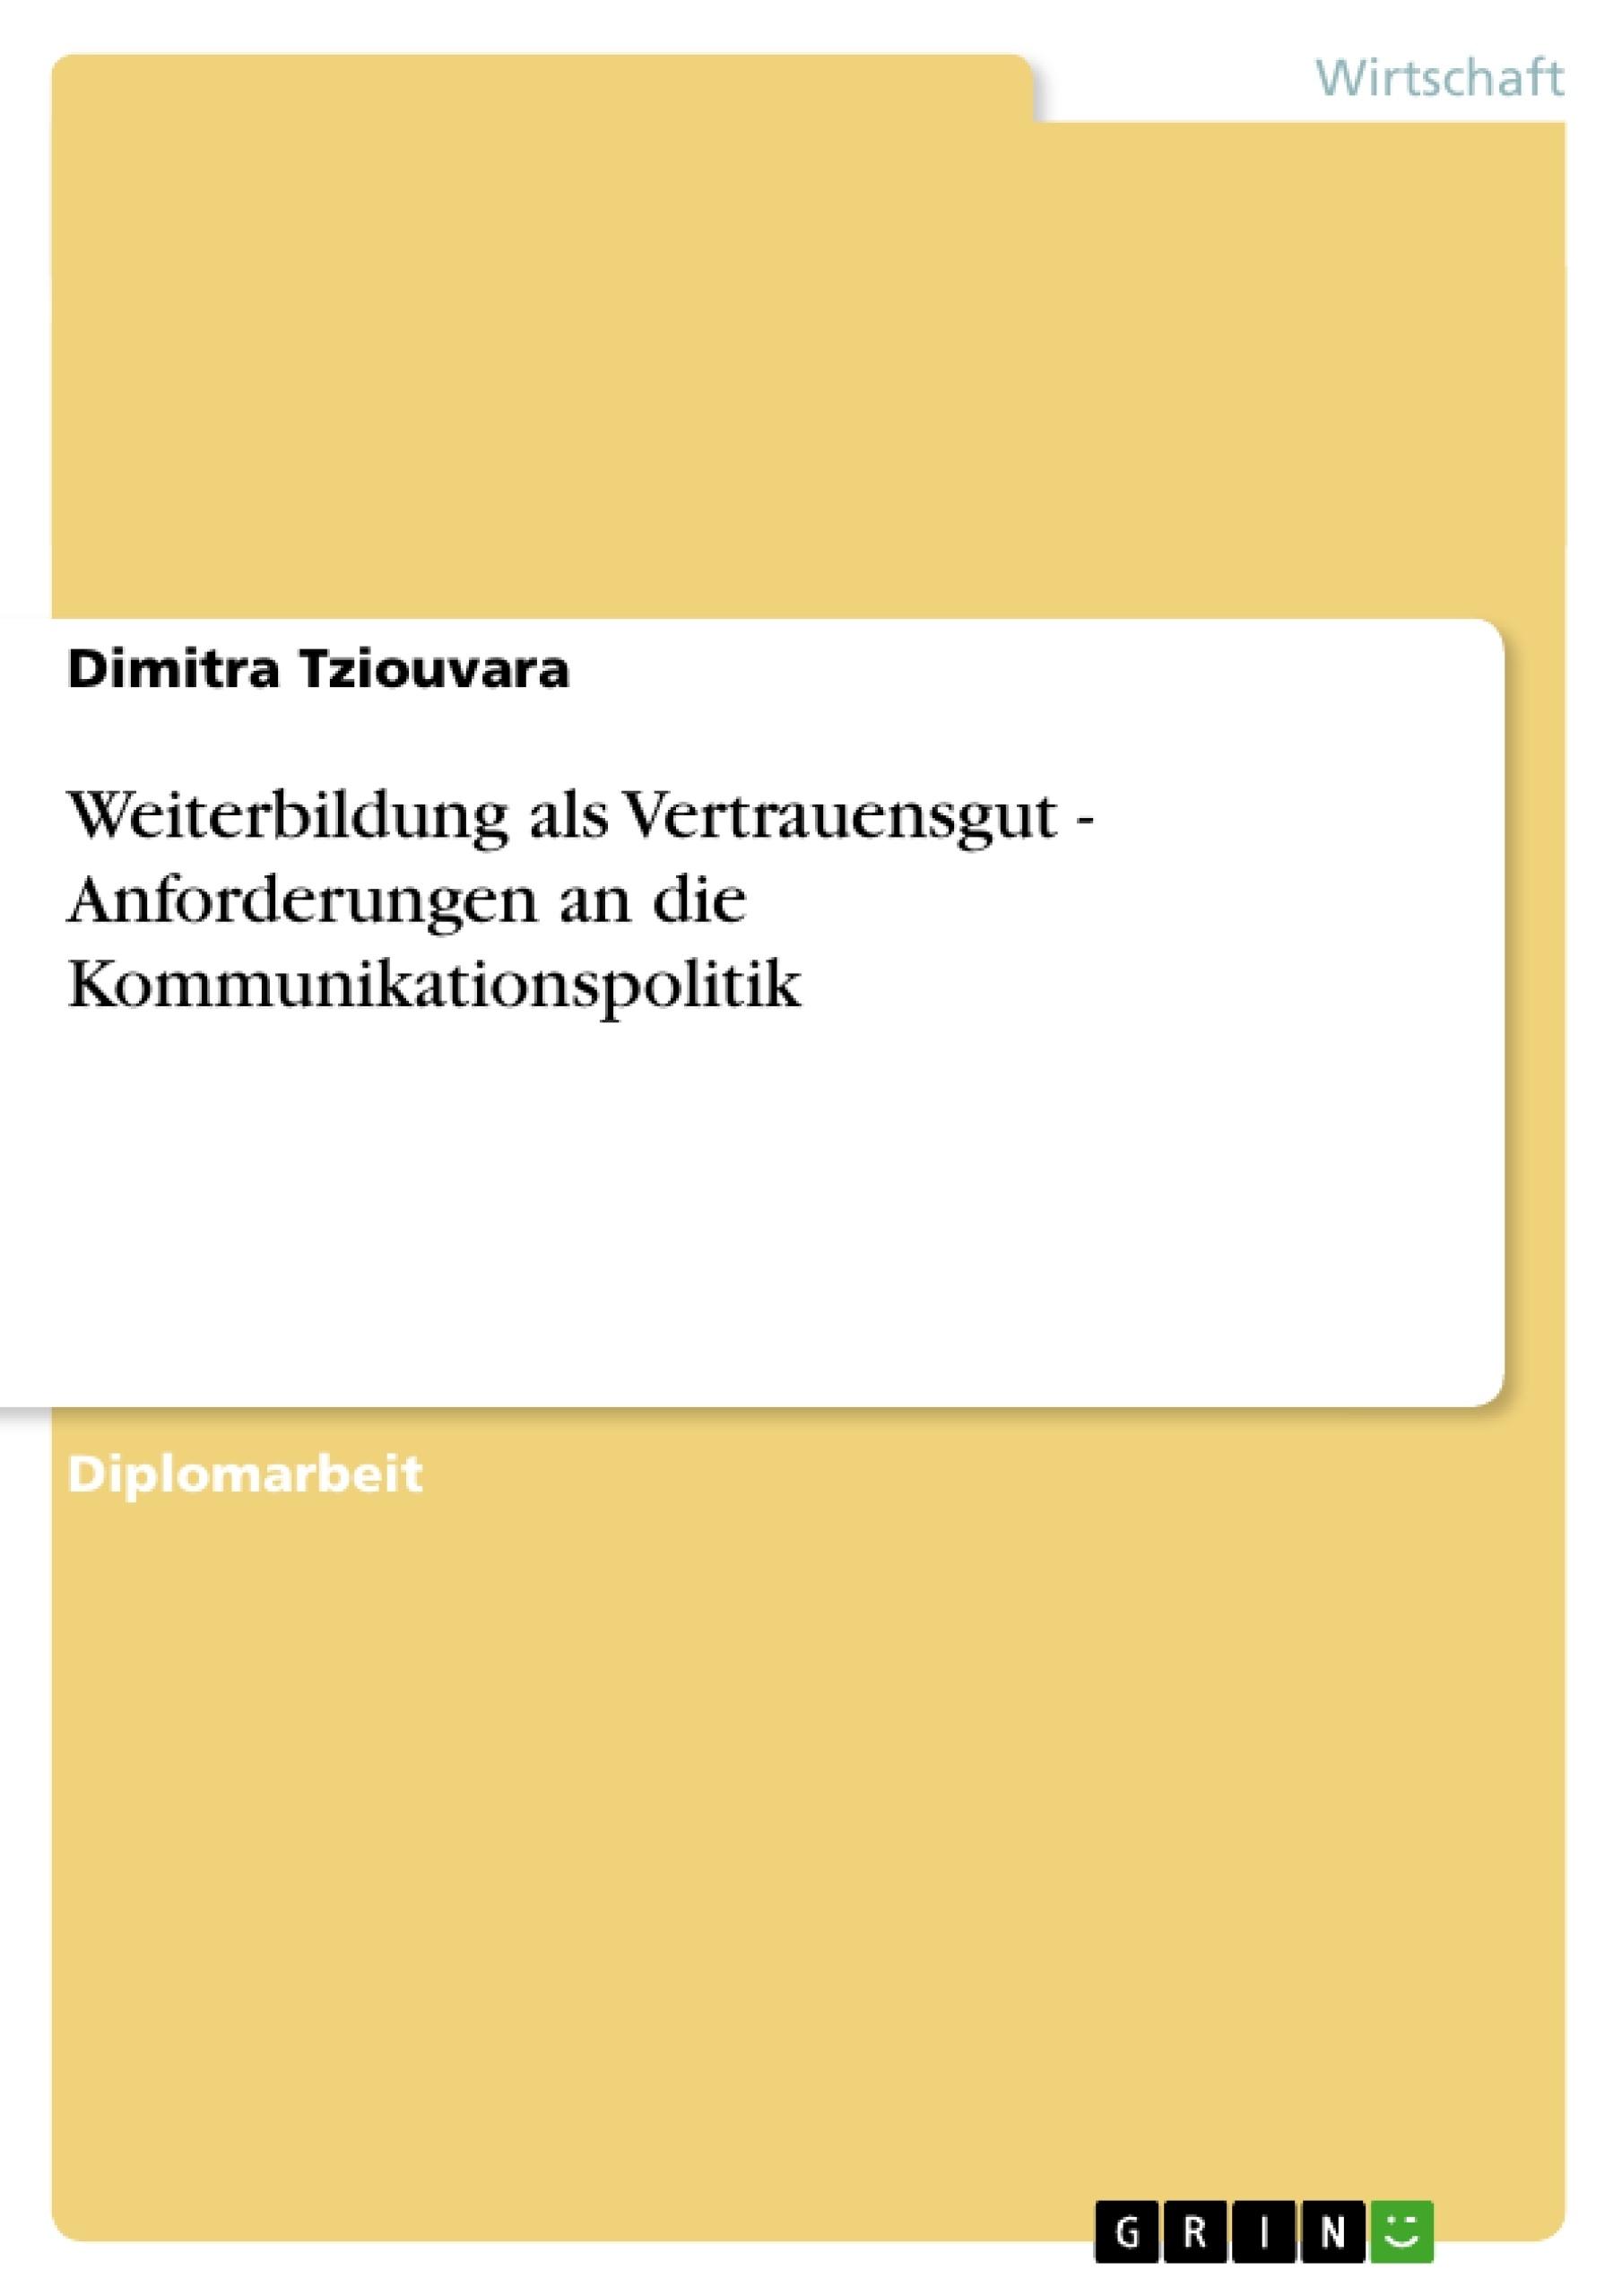 Titel: Weiterbildung als Vertrauensgut - Anforderungen an die Kommunikationspolitik